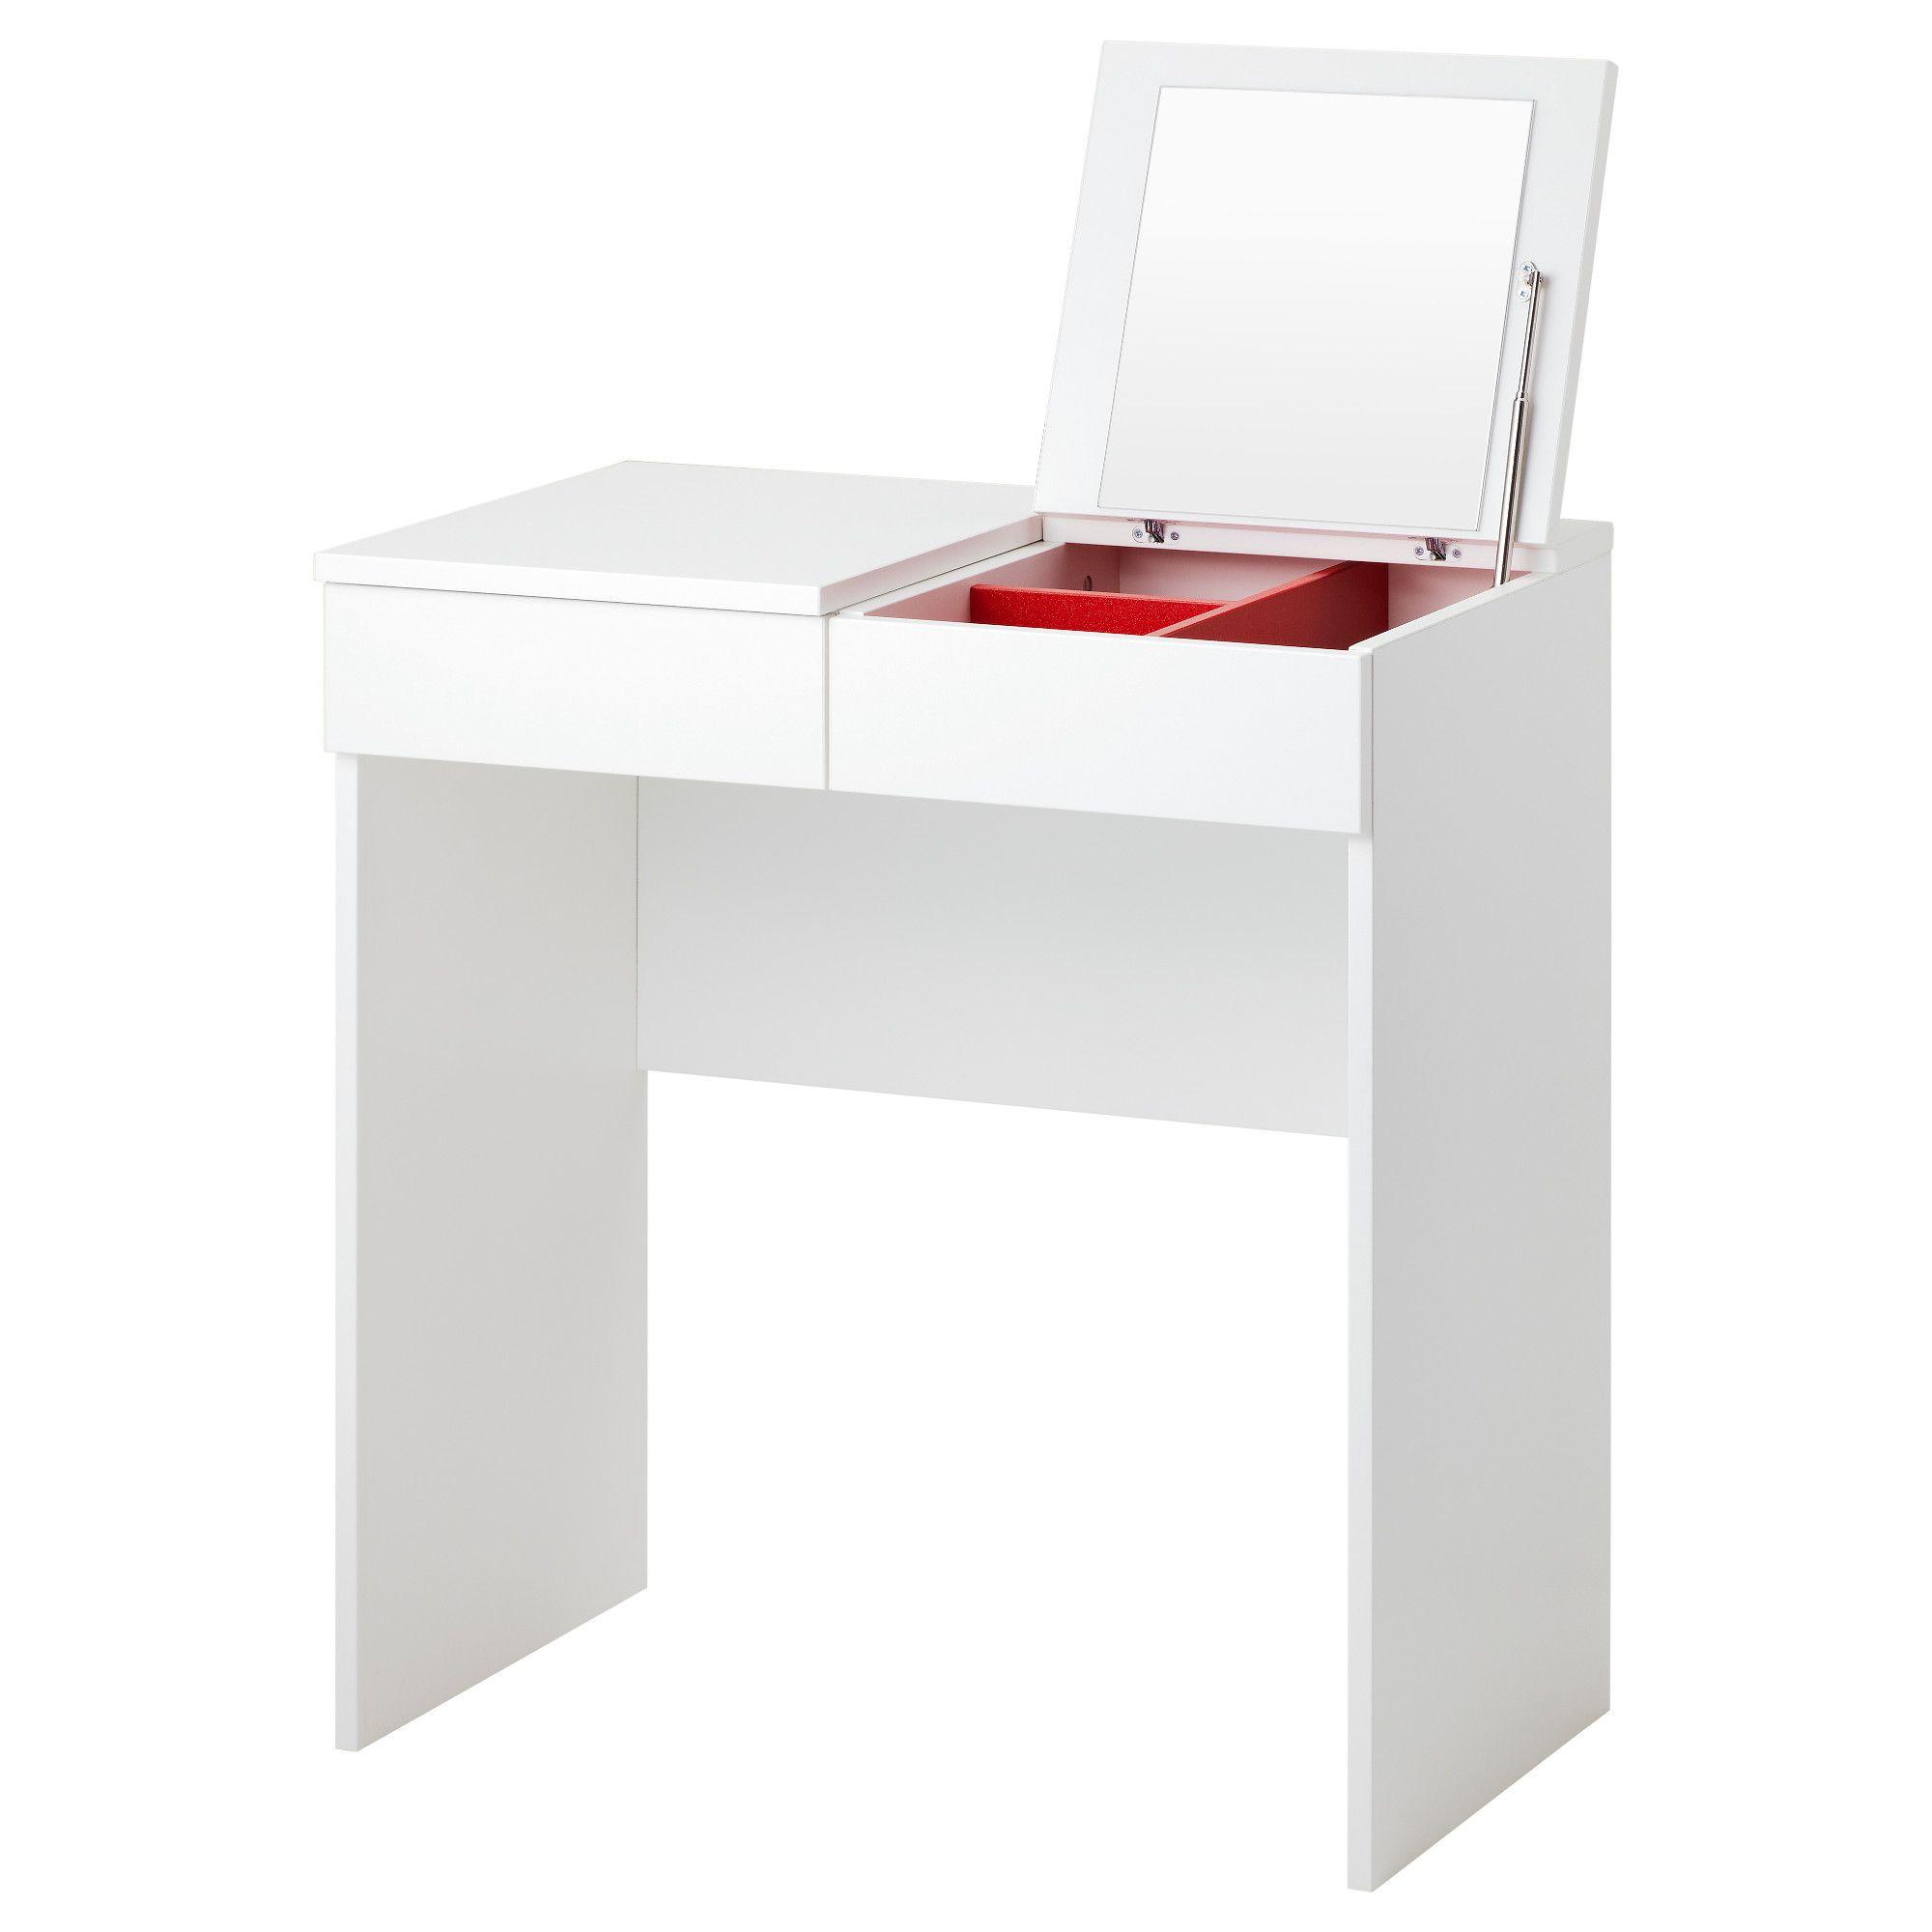 brimnes dressing table white in 2018 bedrooms bedroom. Black Bedroom Furniture Sets. Home Design Ideas